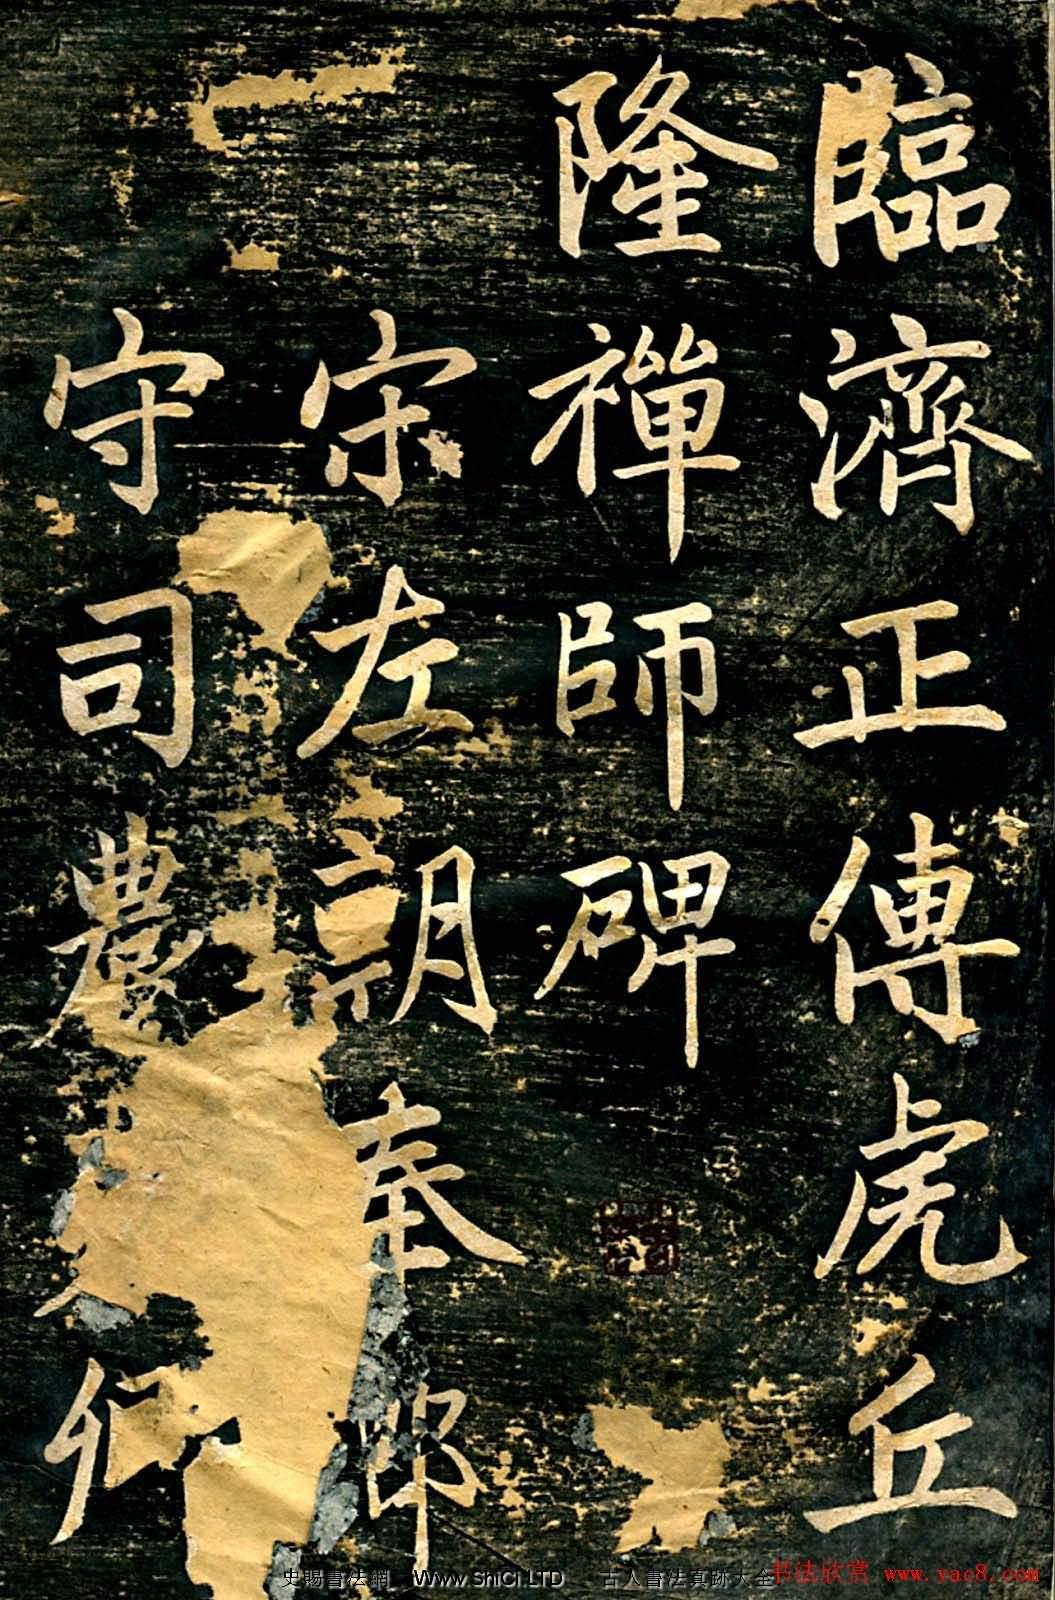 趙孟頫行楷書法字帖《臨濟正傳虎丘隆禪師碑》(共20張圖片)